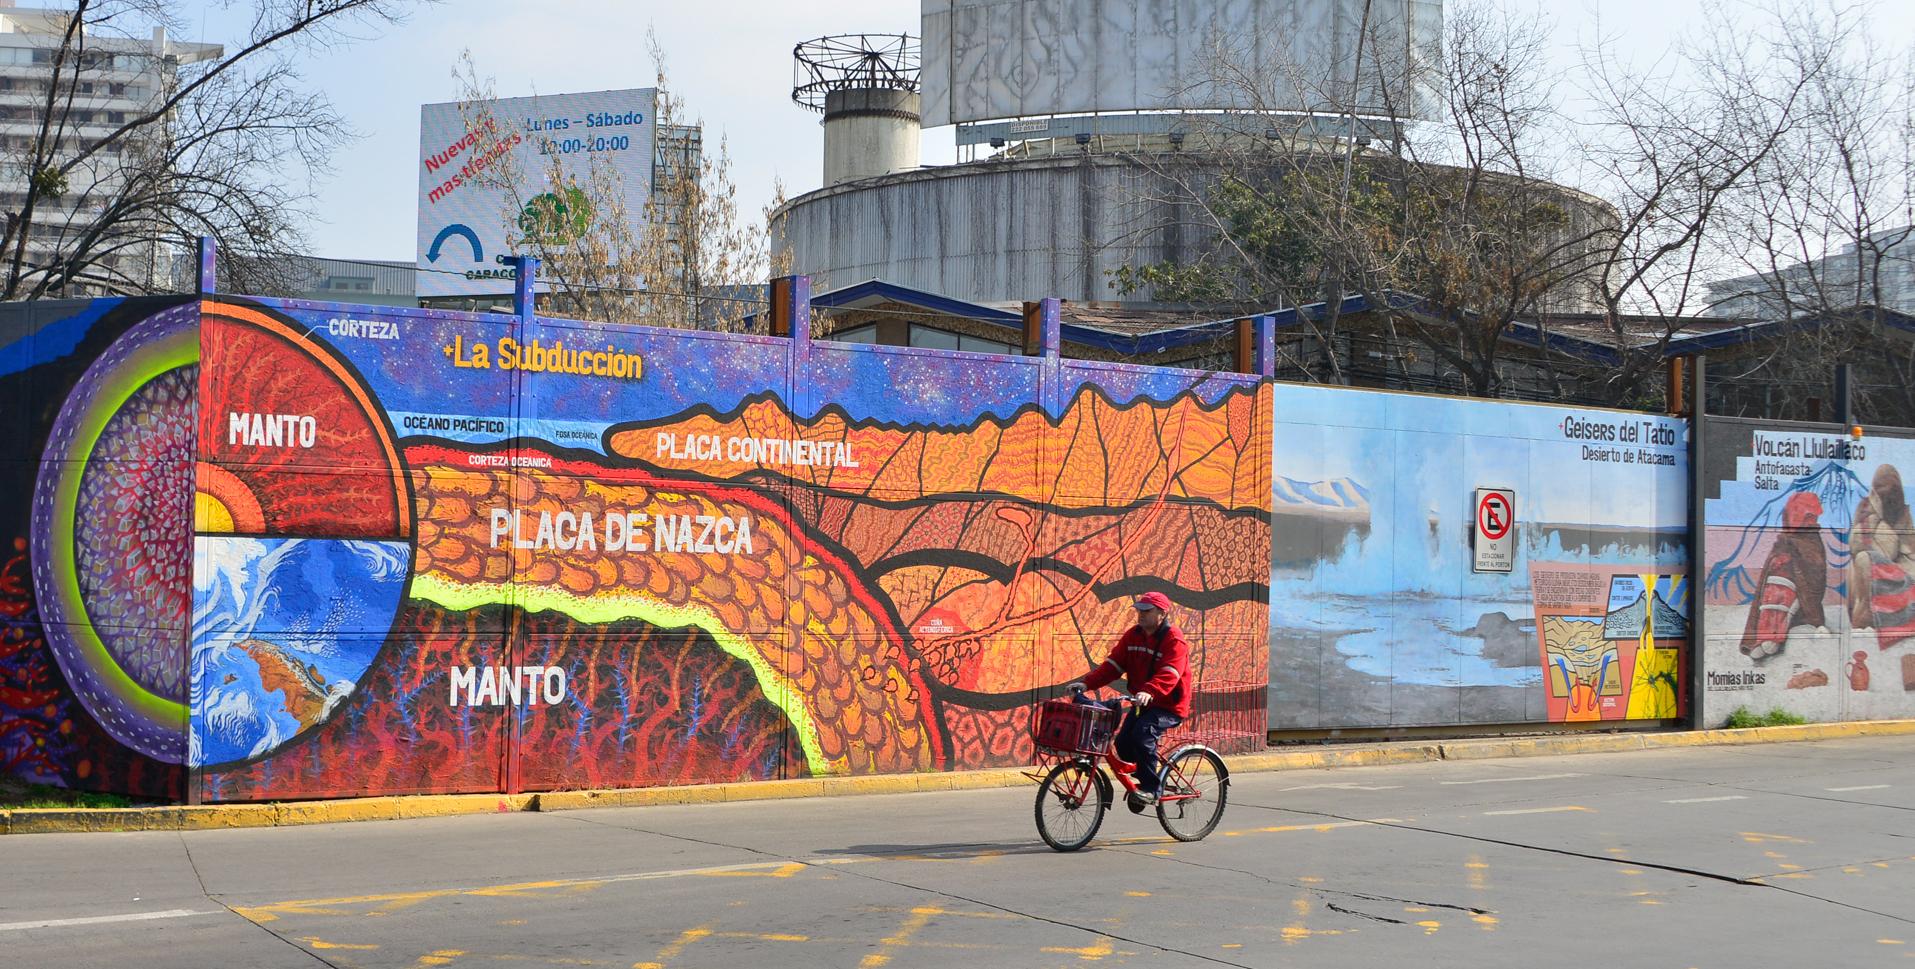 Mural Que Une Arte Y Ciencia Es Inaugurado En Nunoa Fondap